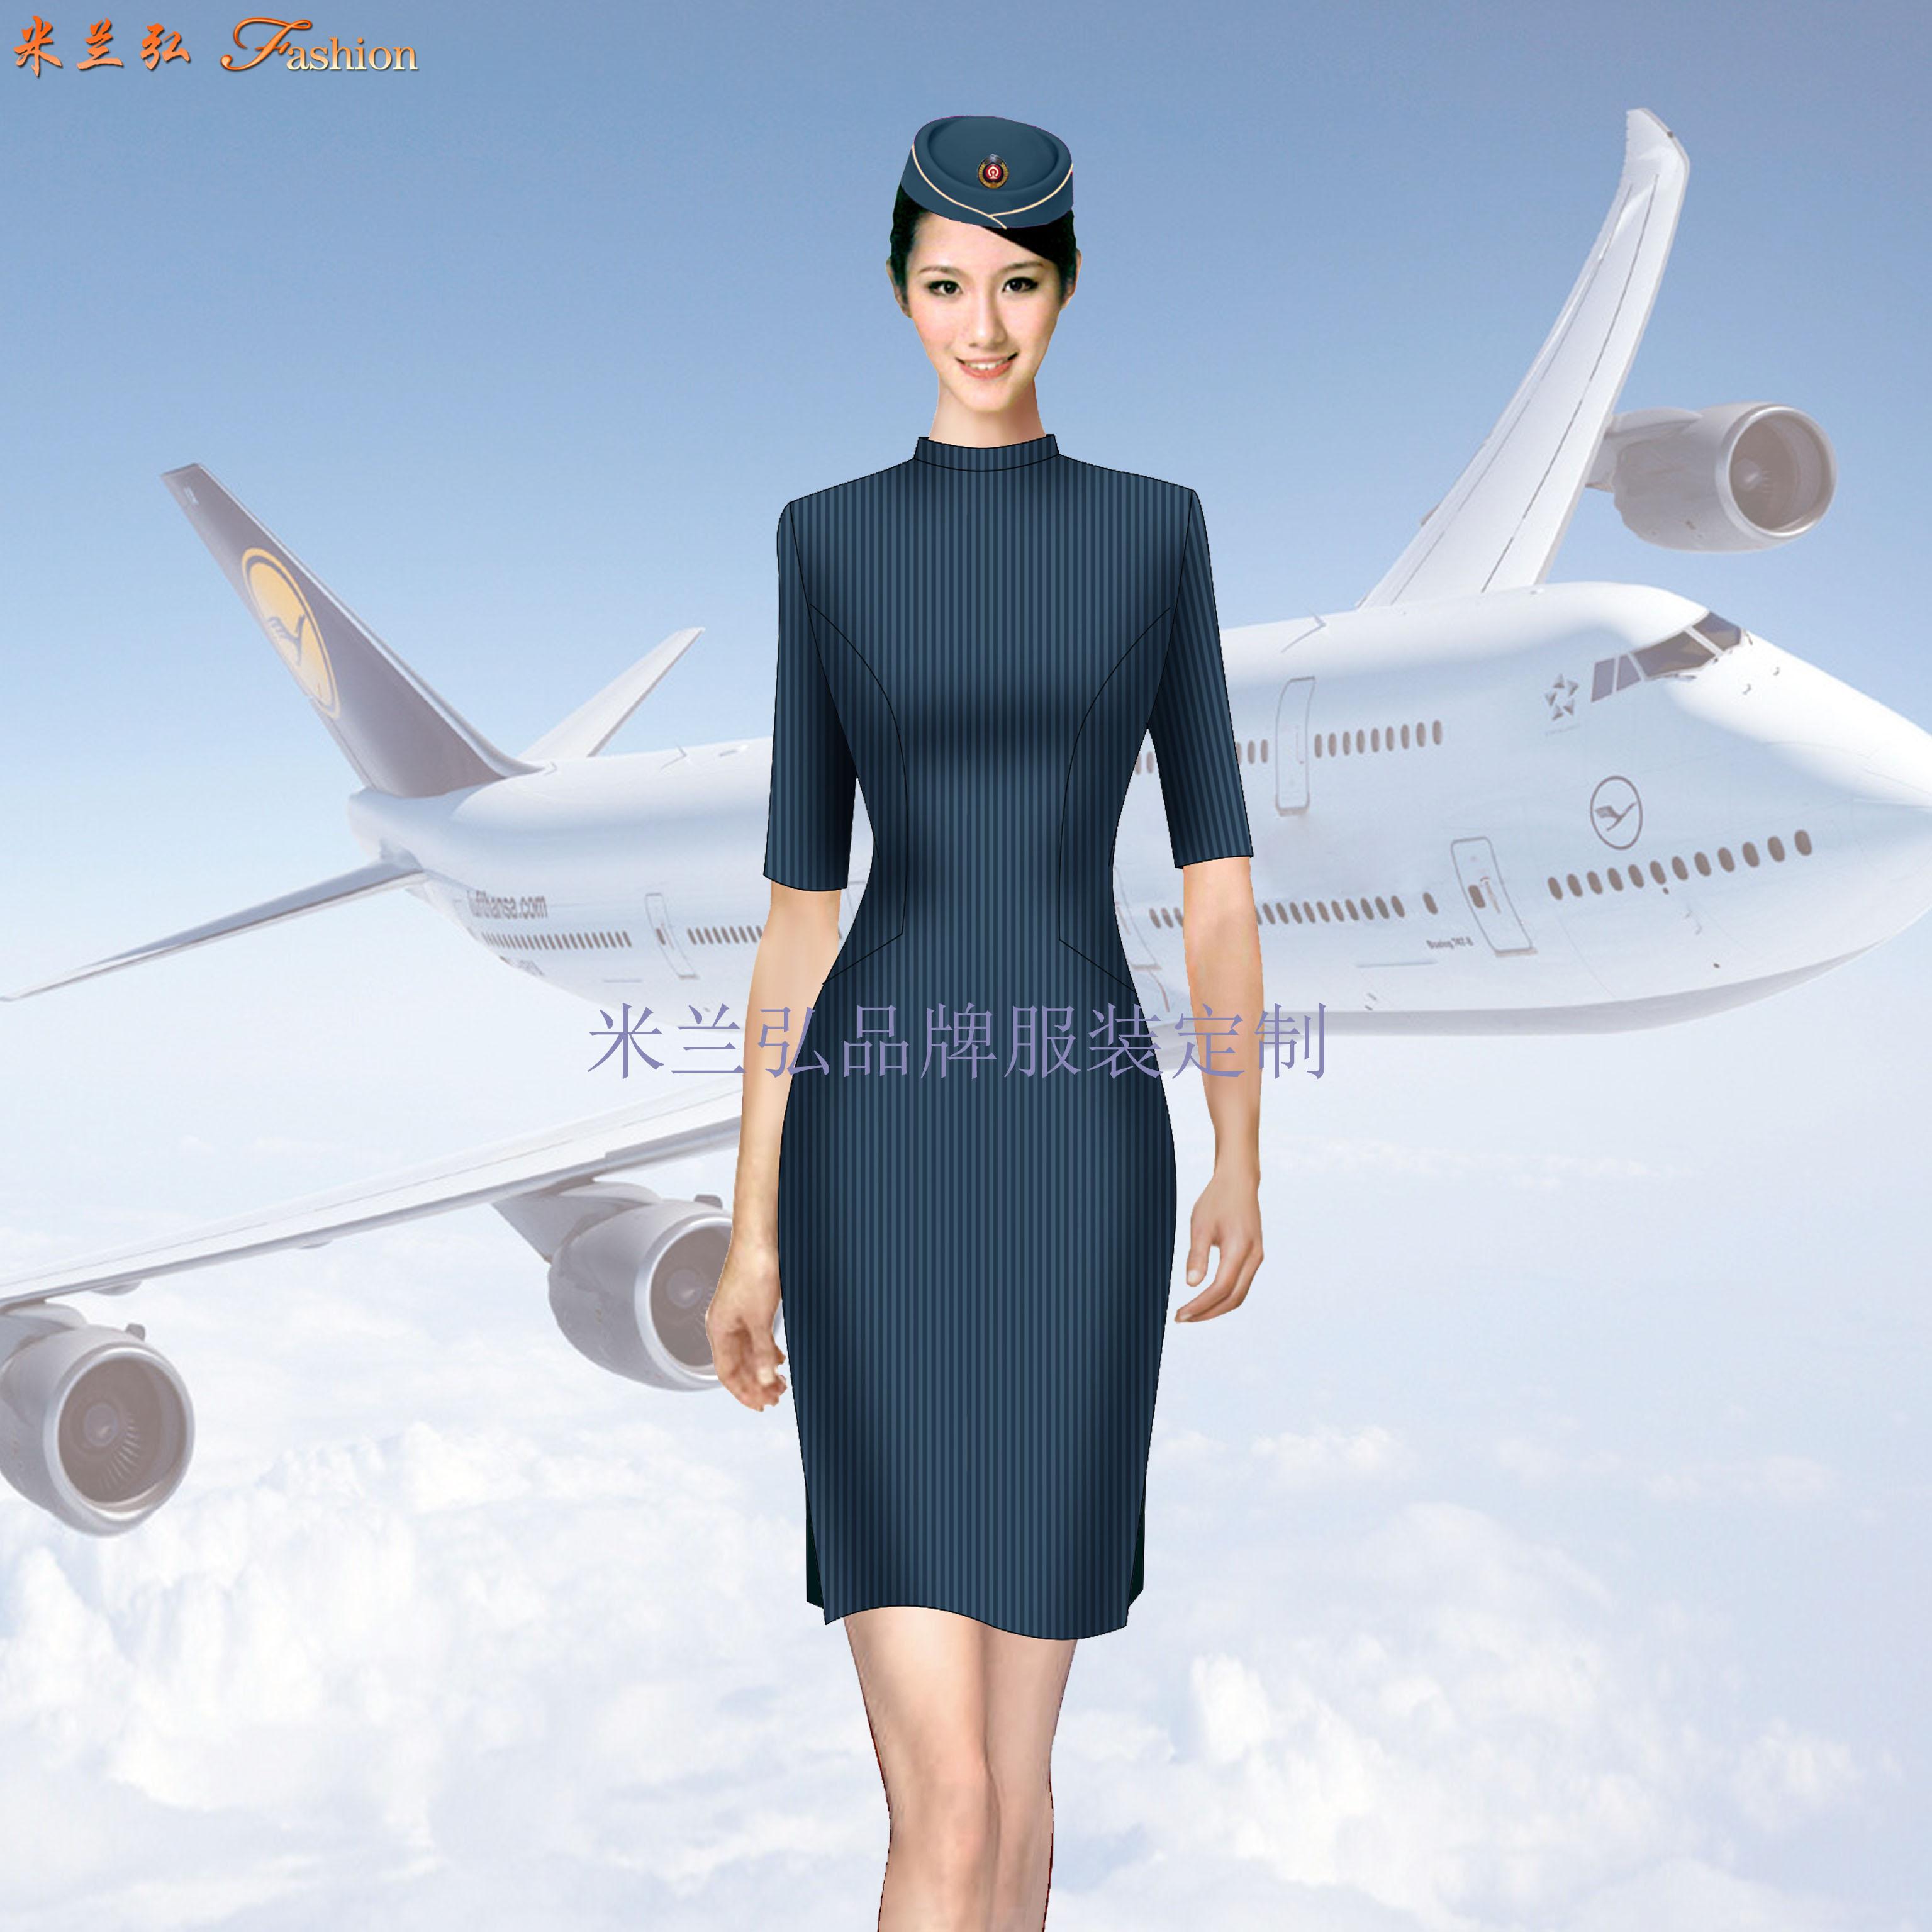 空姐連衣裙定制-量體定做空姐服夏裝廠家-米蘭弘服裝-4